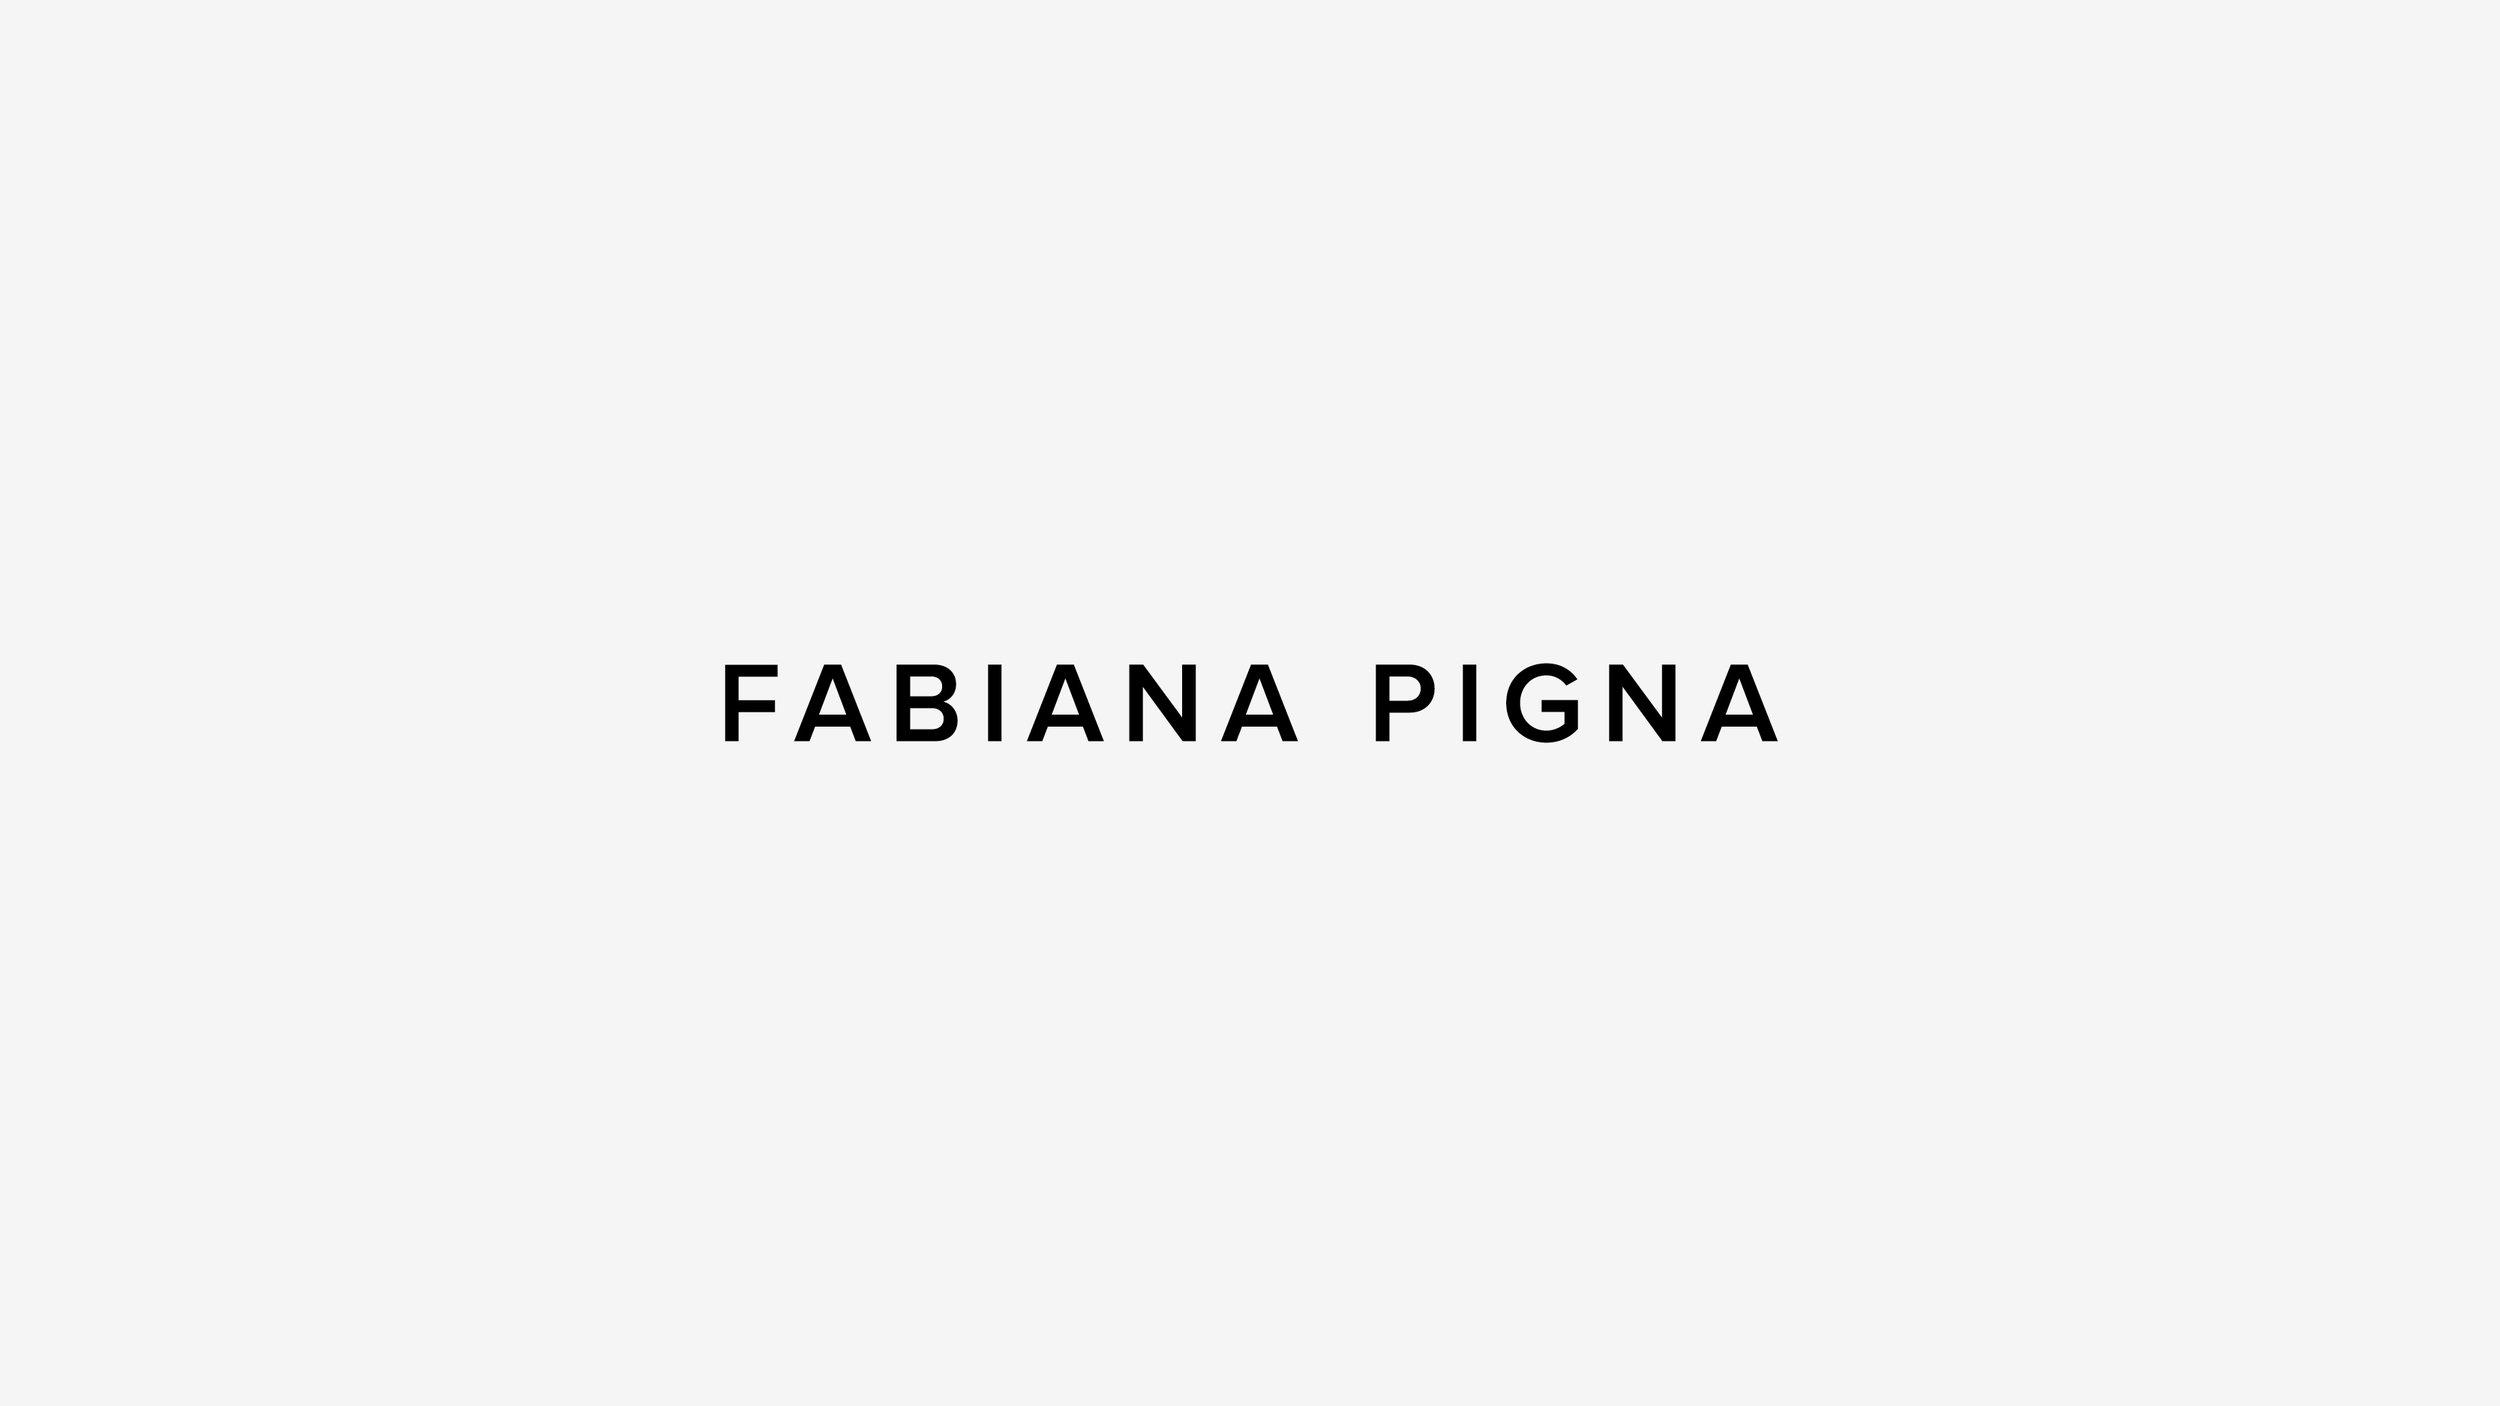 Fabiana-Pigna-logo-large.jpg